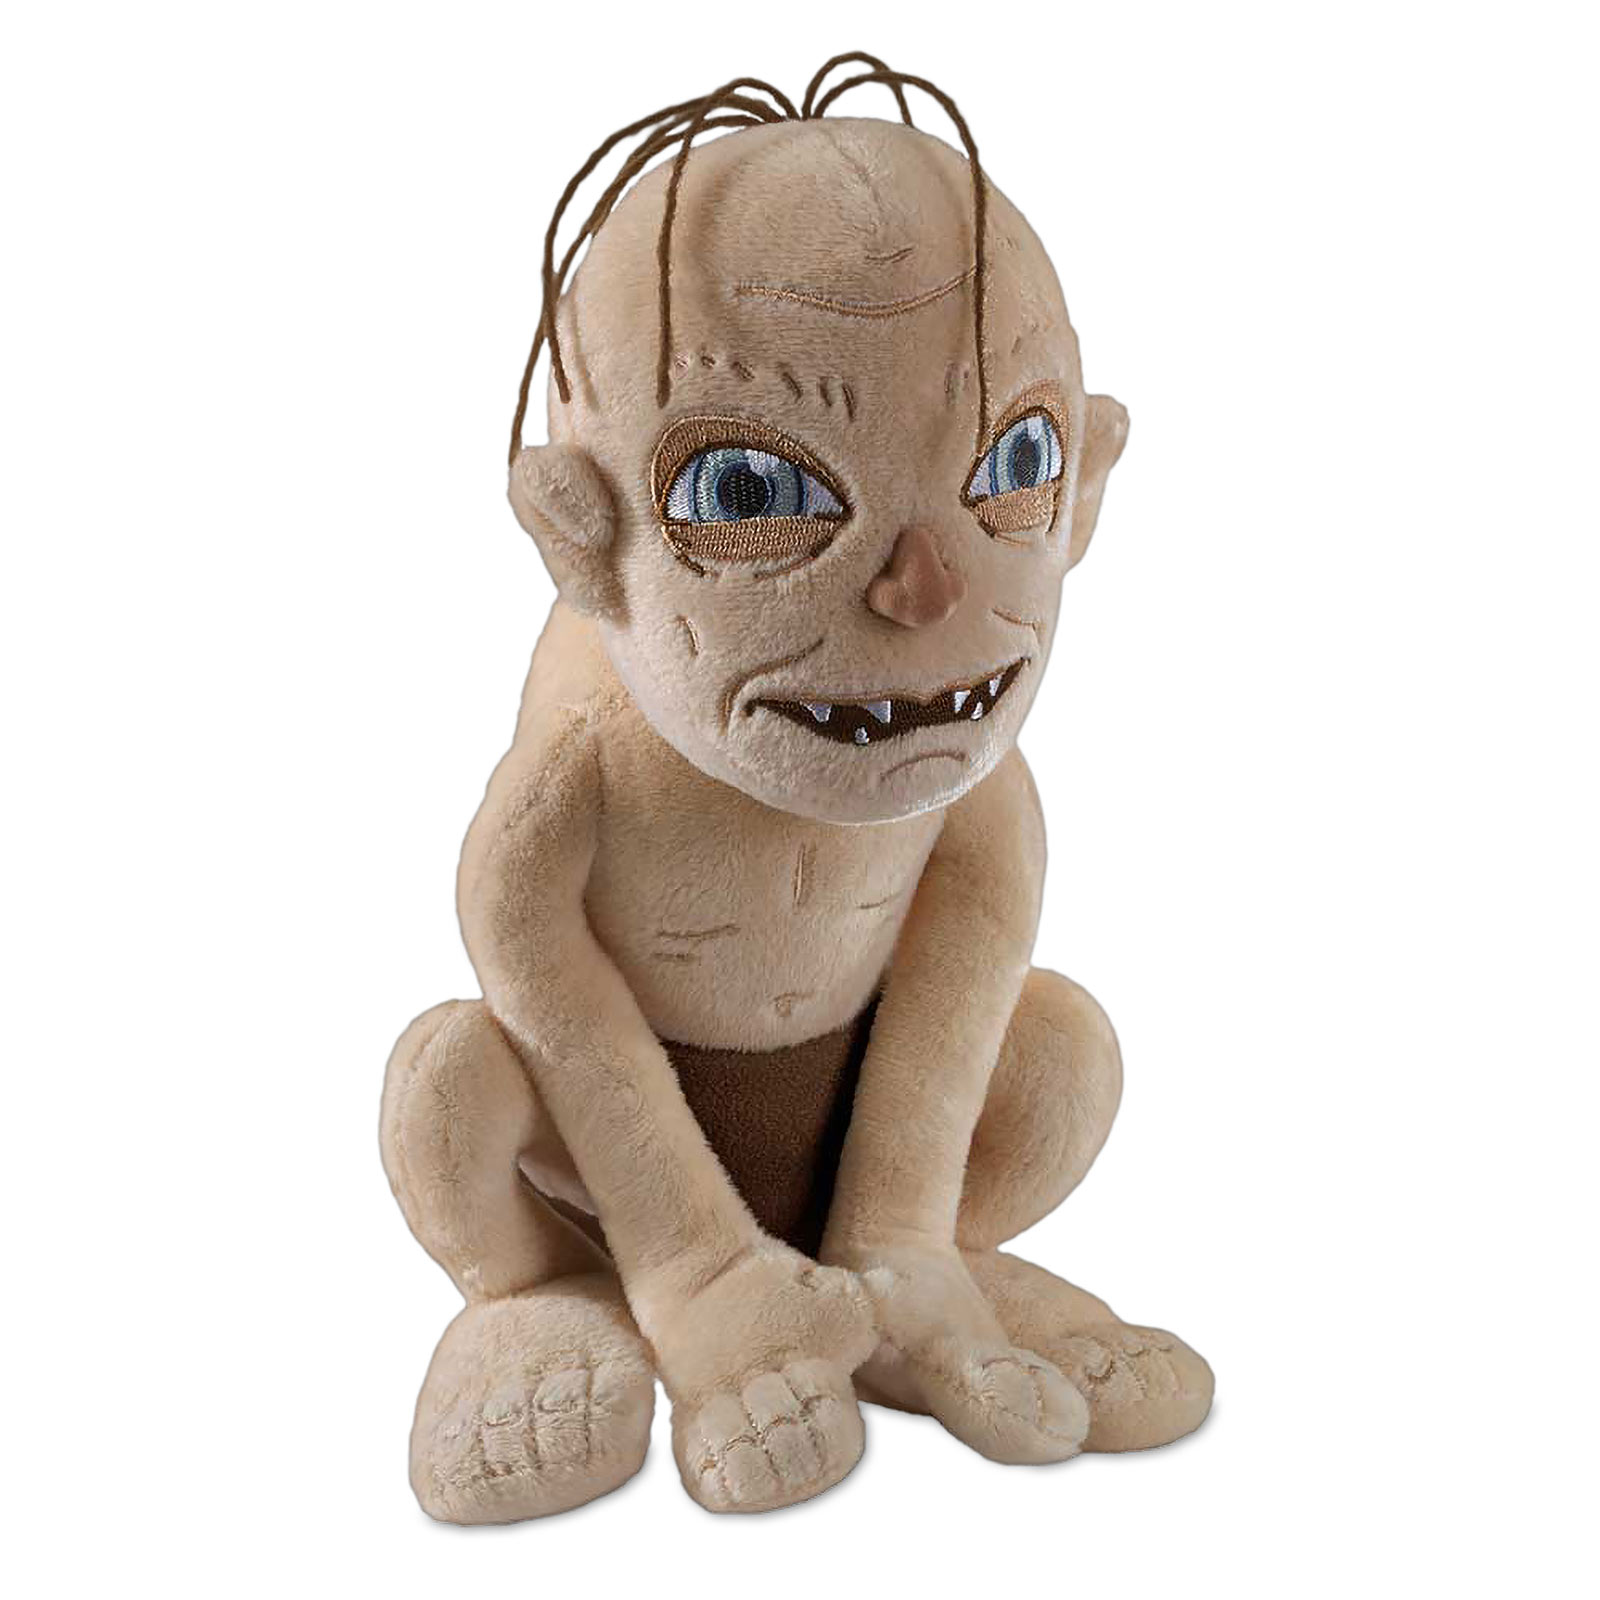 Herr der Ringe - Gollum Plüsch Figur 23 cm